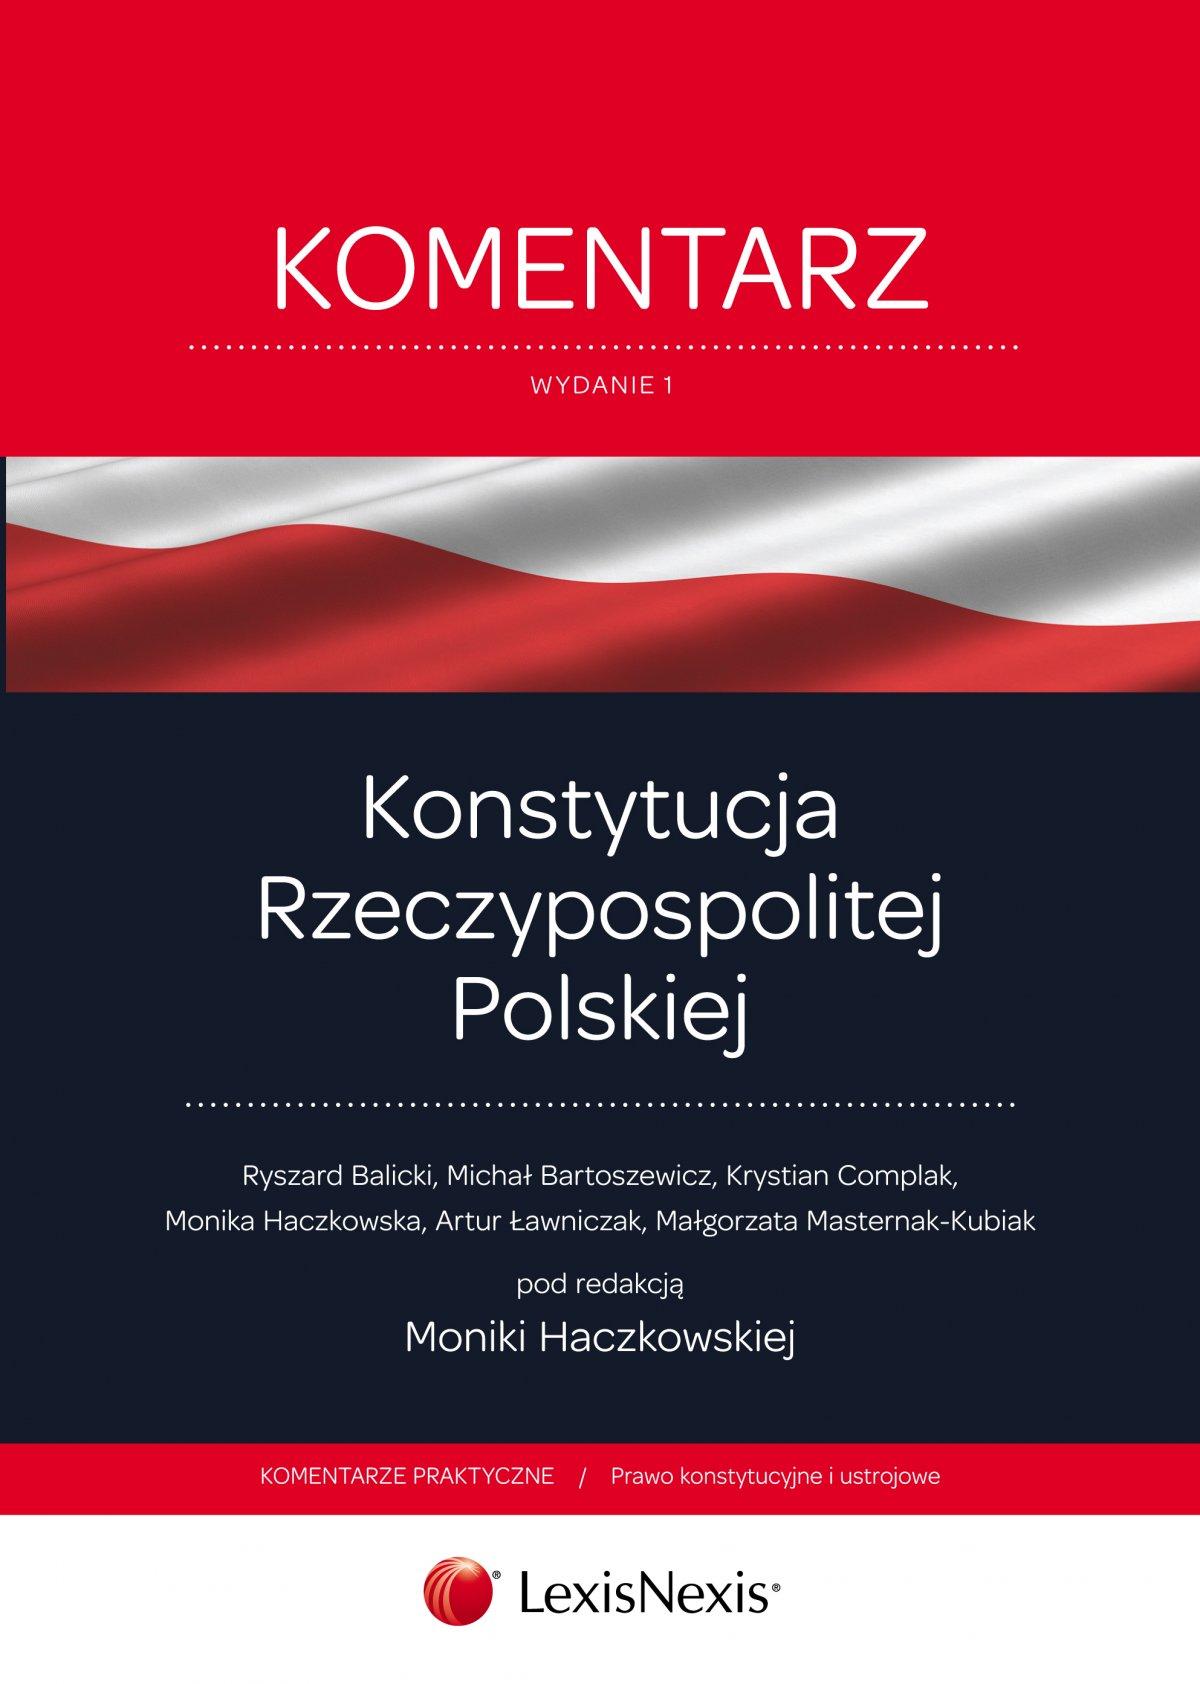 Konstytucja Rzeczypospolitej Polskiej. Komentarz. Wydanie 1 - Ebook (Książka EPUB) do pobrania w formacie EPUB